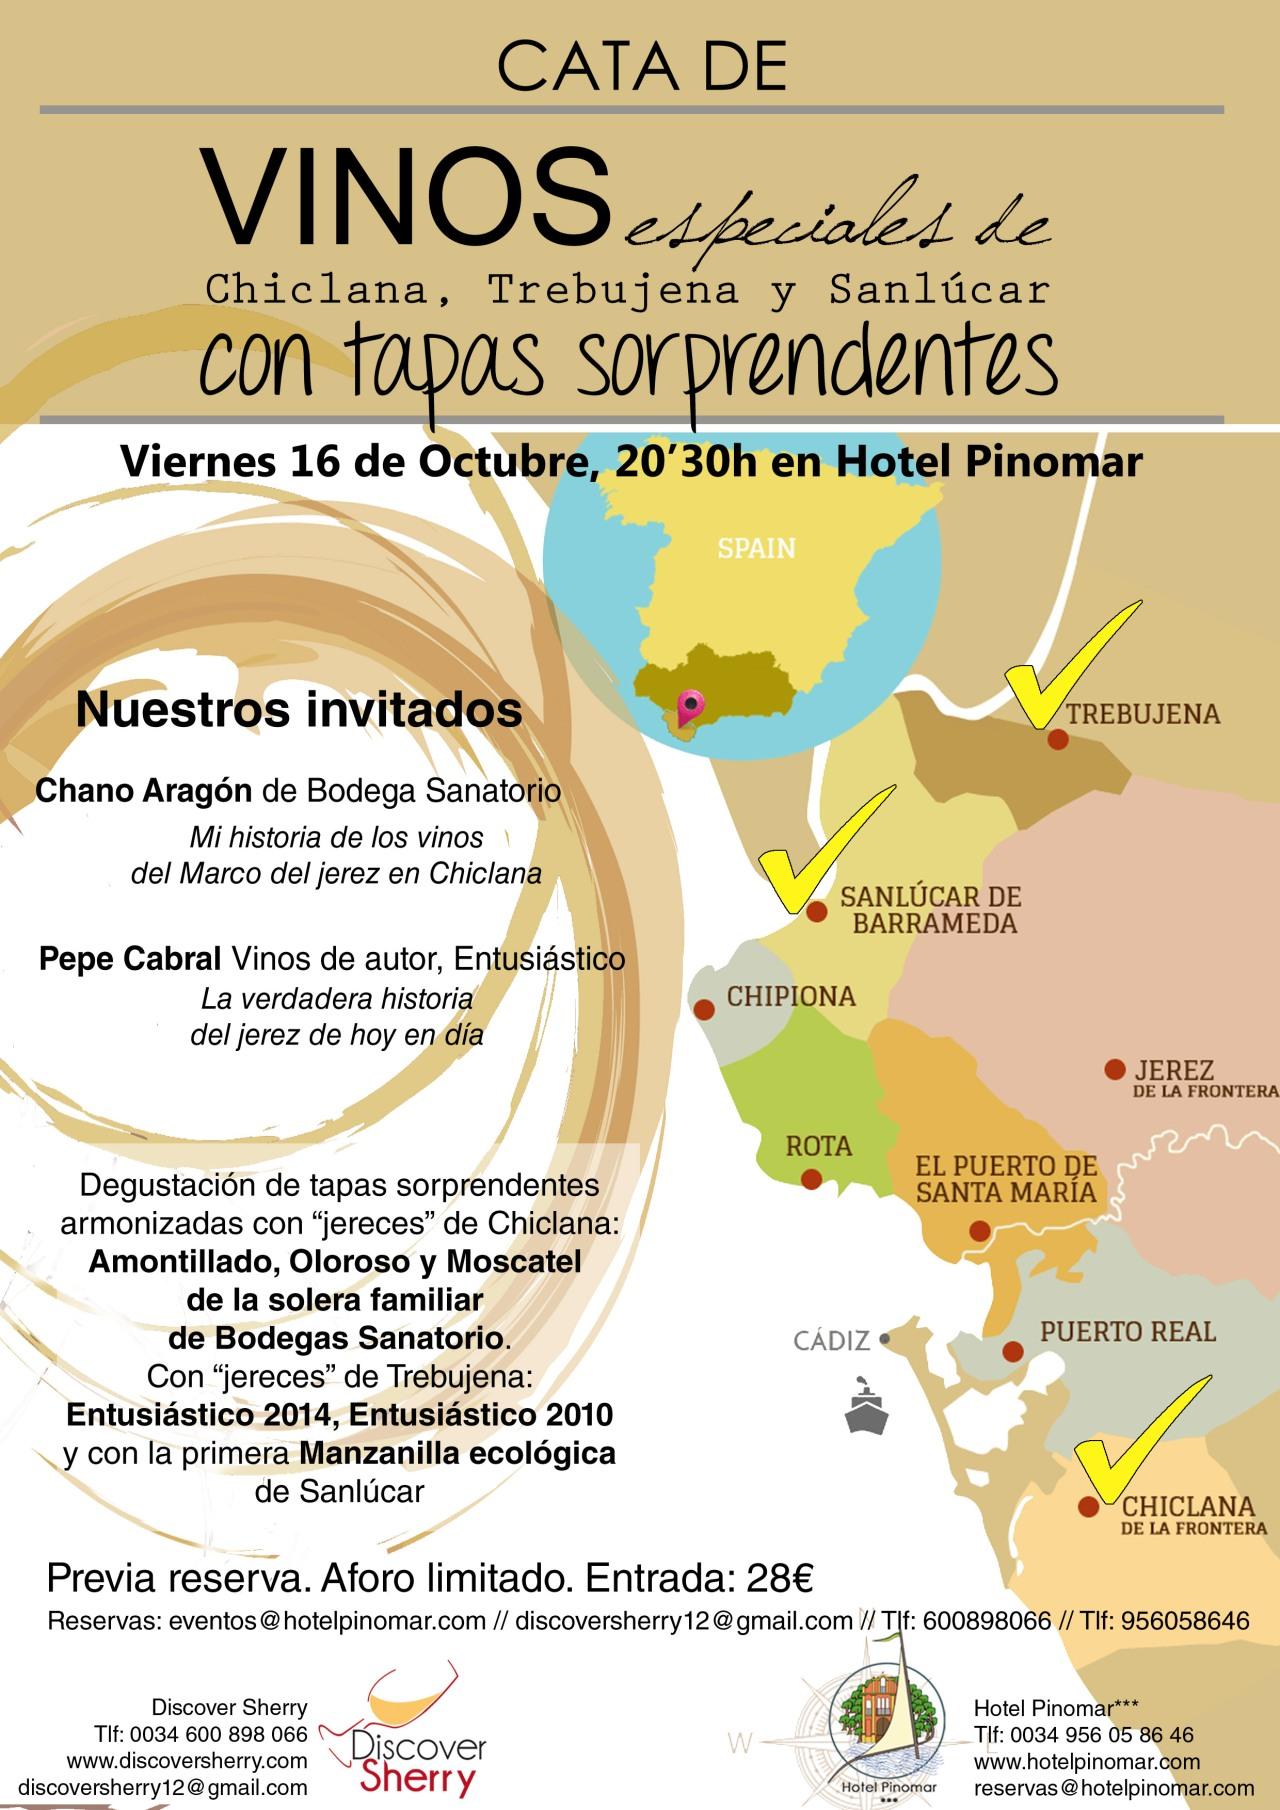 Cata de vinos especiales con tapas sorprendentes.  Tasting of special wines and pairing with surprisingtapas.